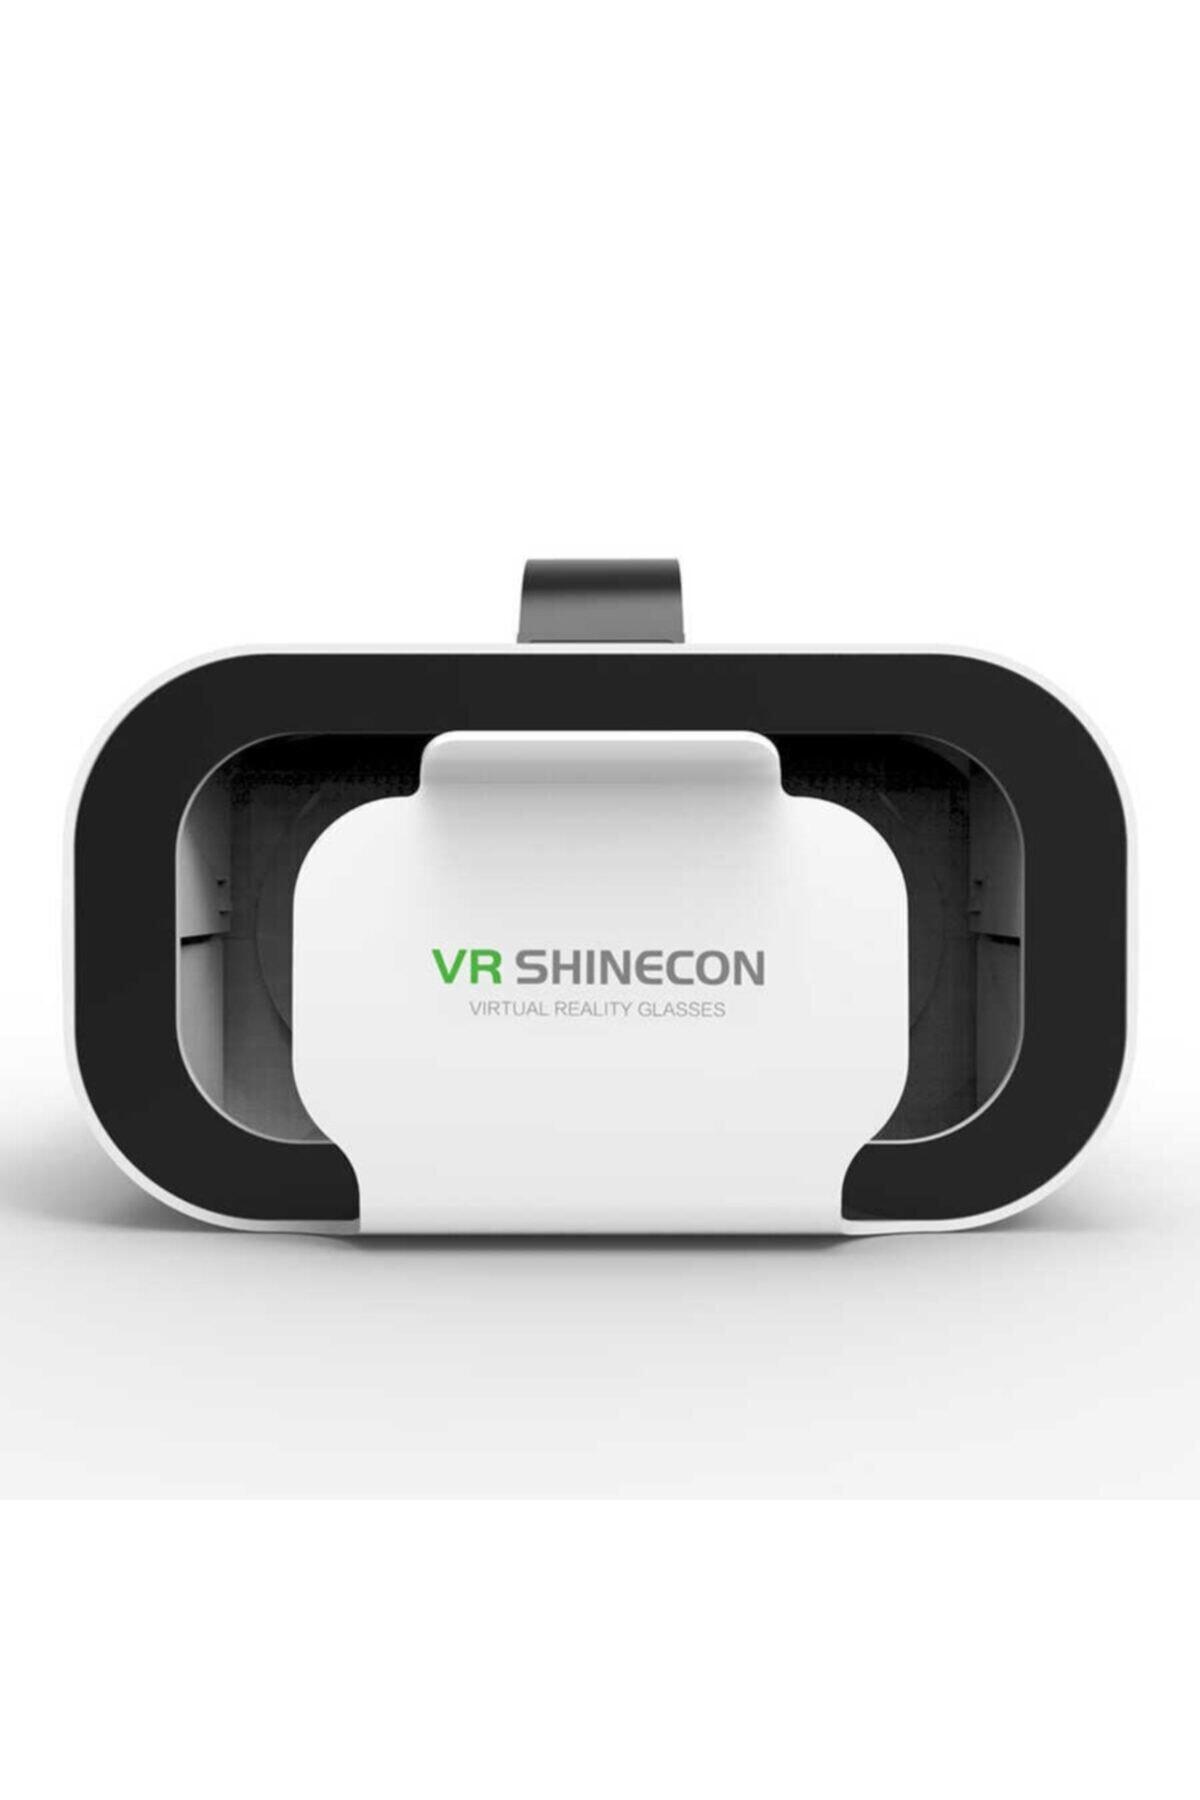 dijimedia G05 Vr Shinecon 3d Sanal Gerçeklik Gözlüğü - 2